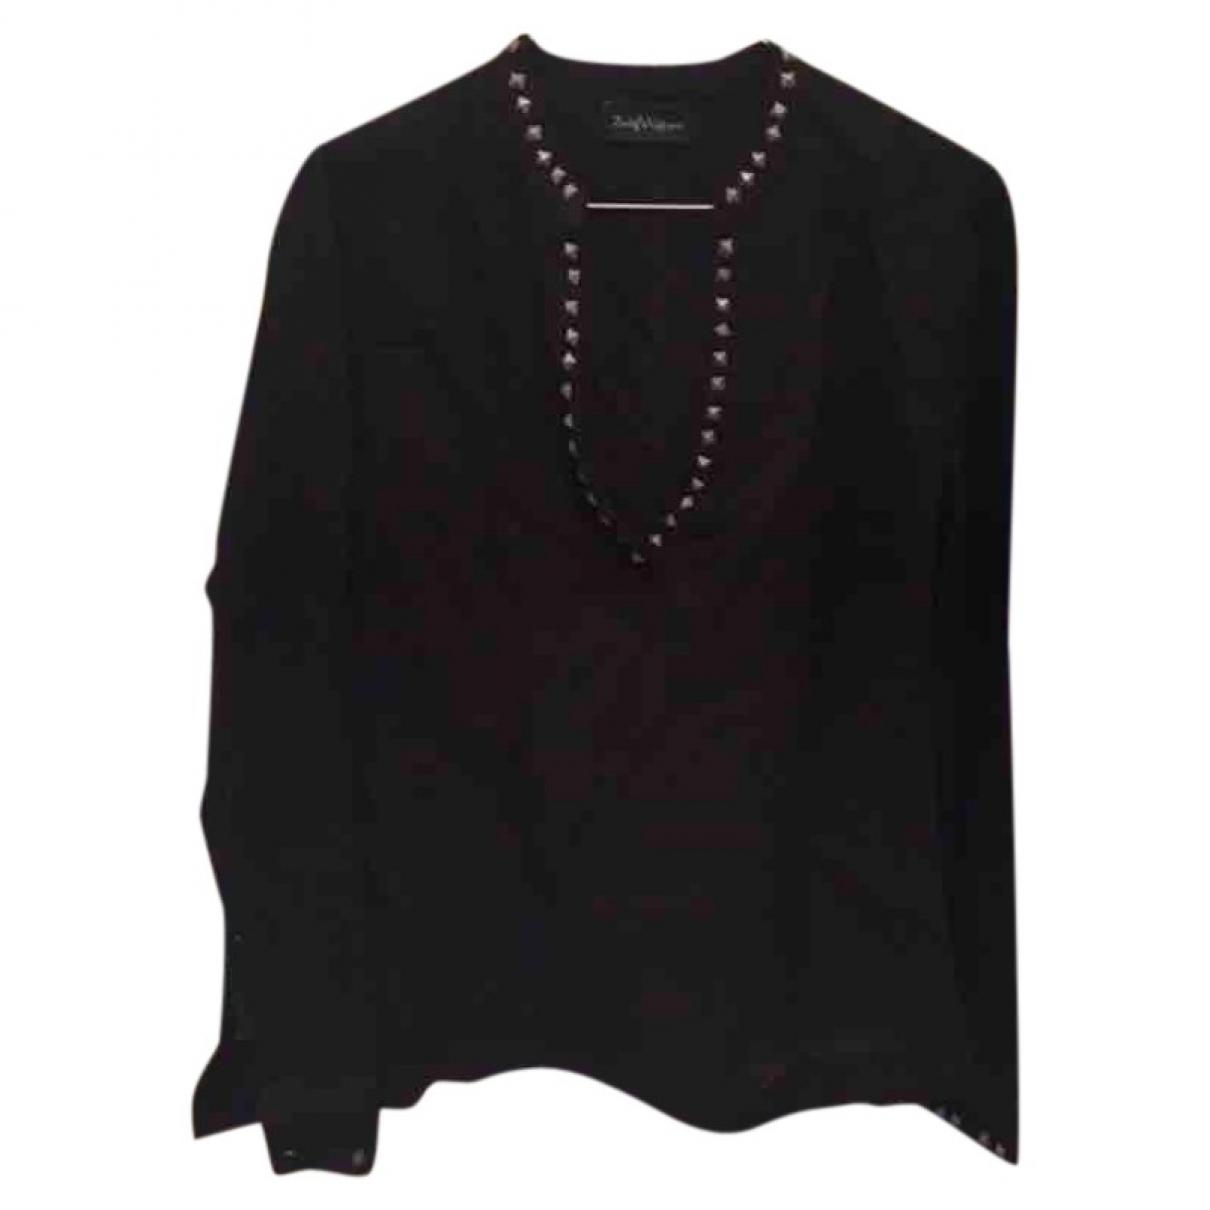 Zadig & Voltaire - Top   pour femme en laine - noir